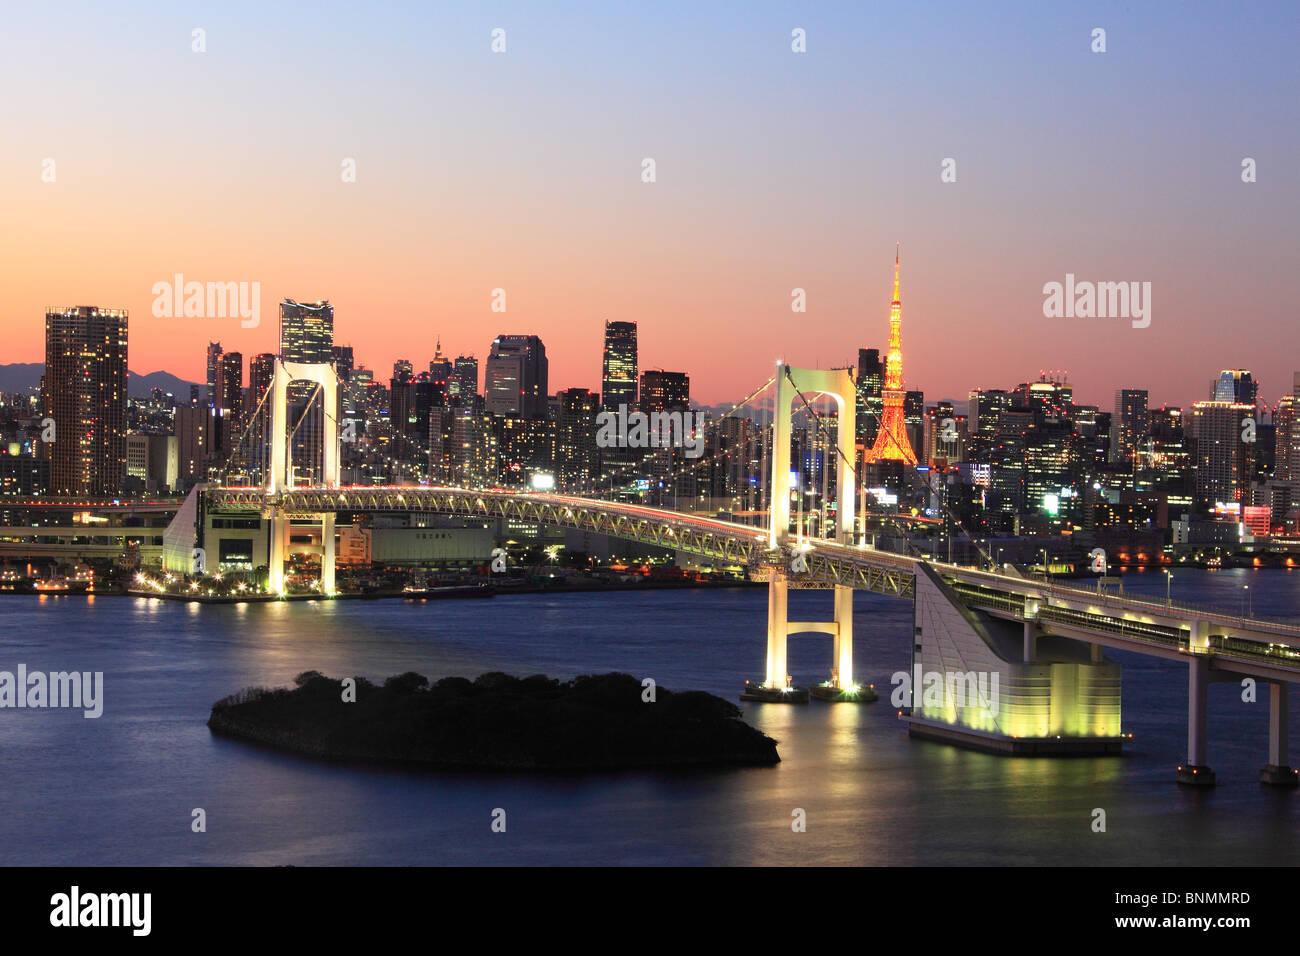 Tokyo Japan Asia Lejano Oriente Shimbashi skyline bloques de pisos altos edificios edificios construcciones puente Imagen De Stock